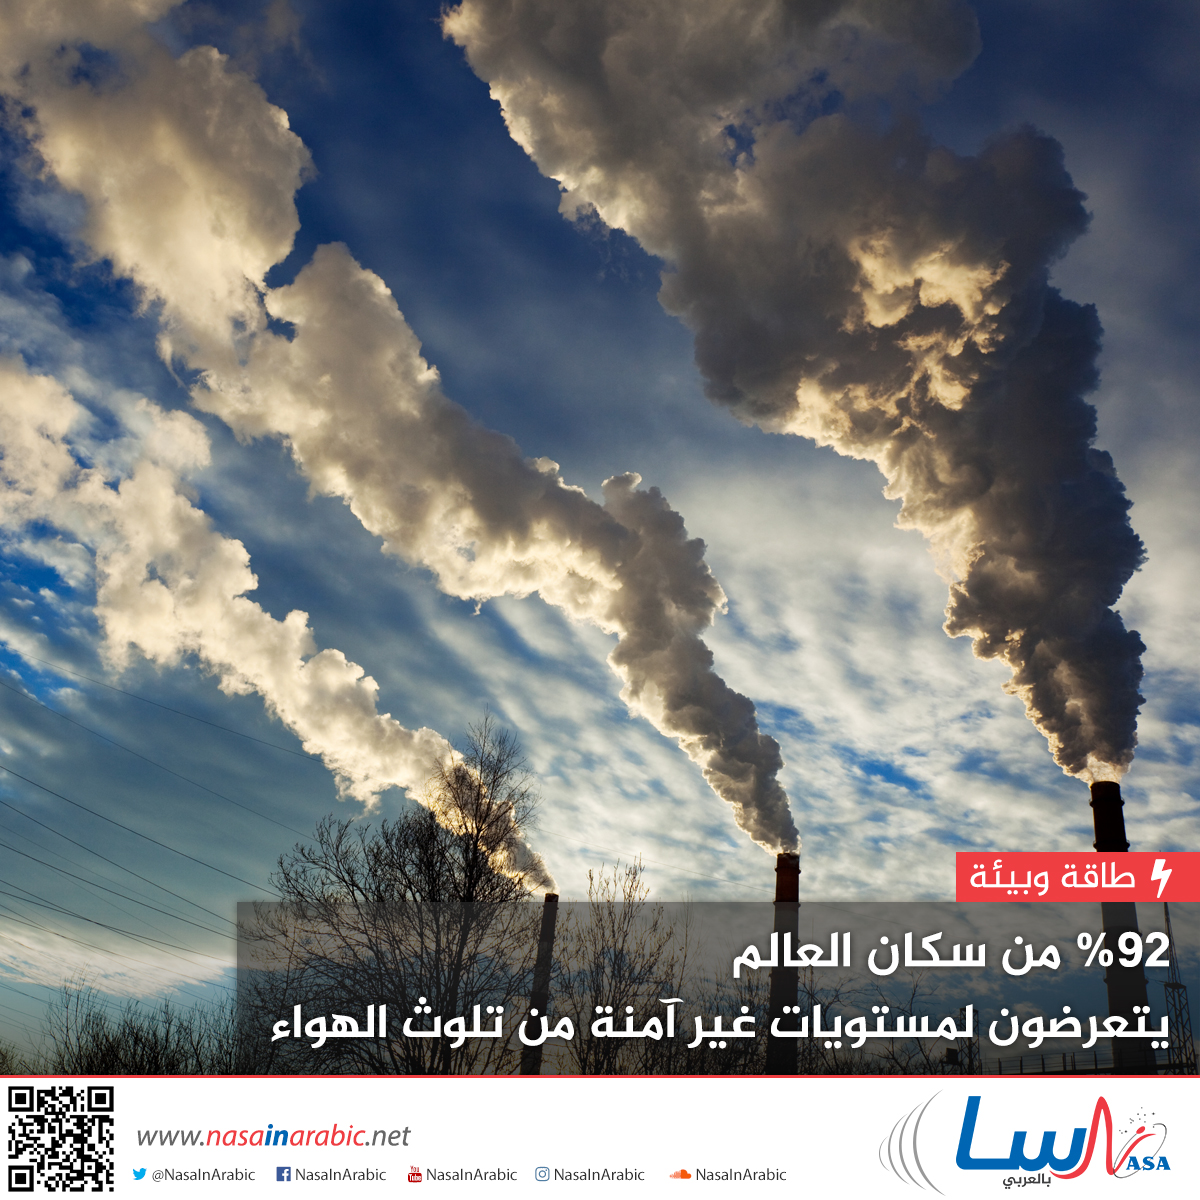 92% من سكان العالم يتعرضون لمستويات غير آمنة من تلوث الهواء